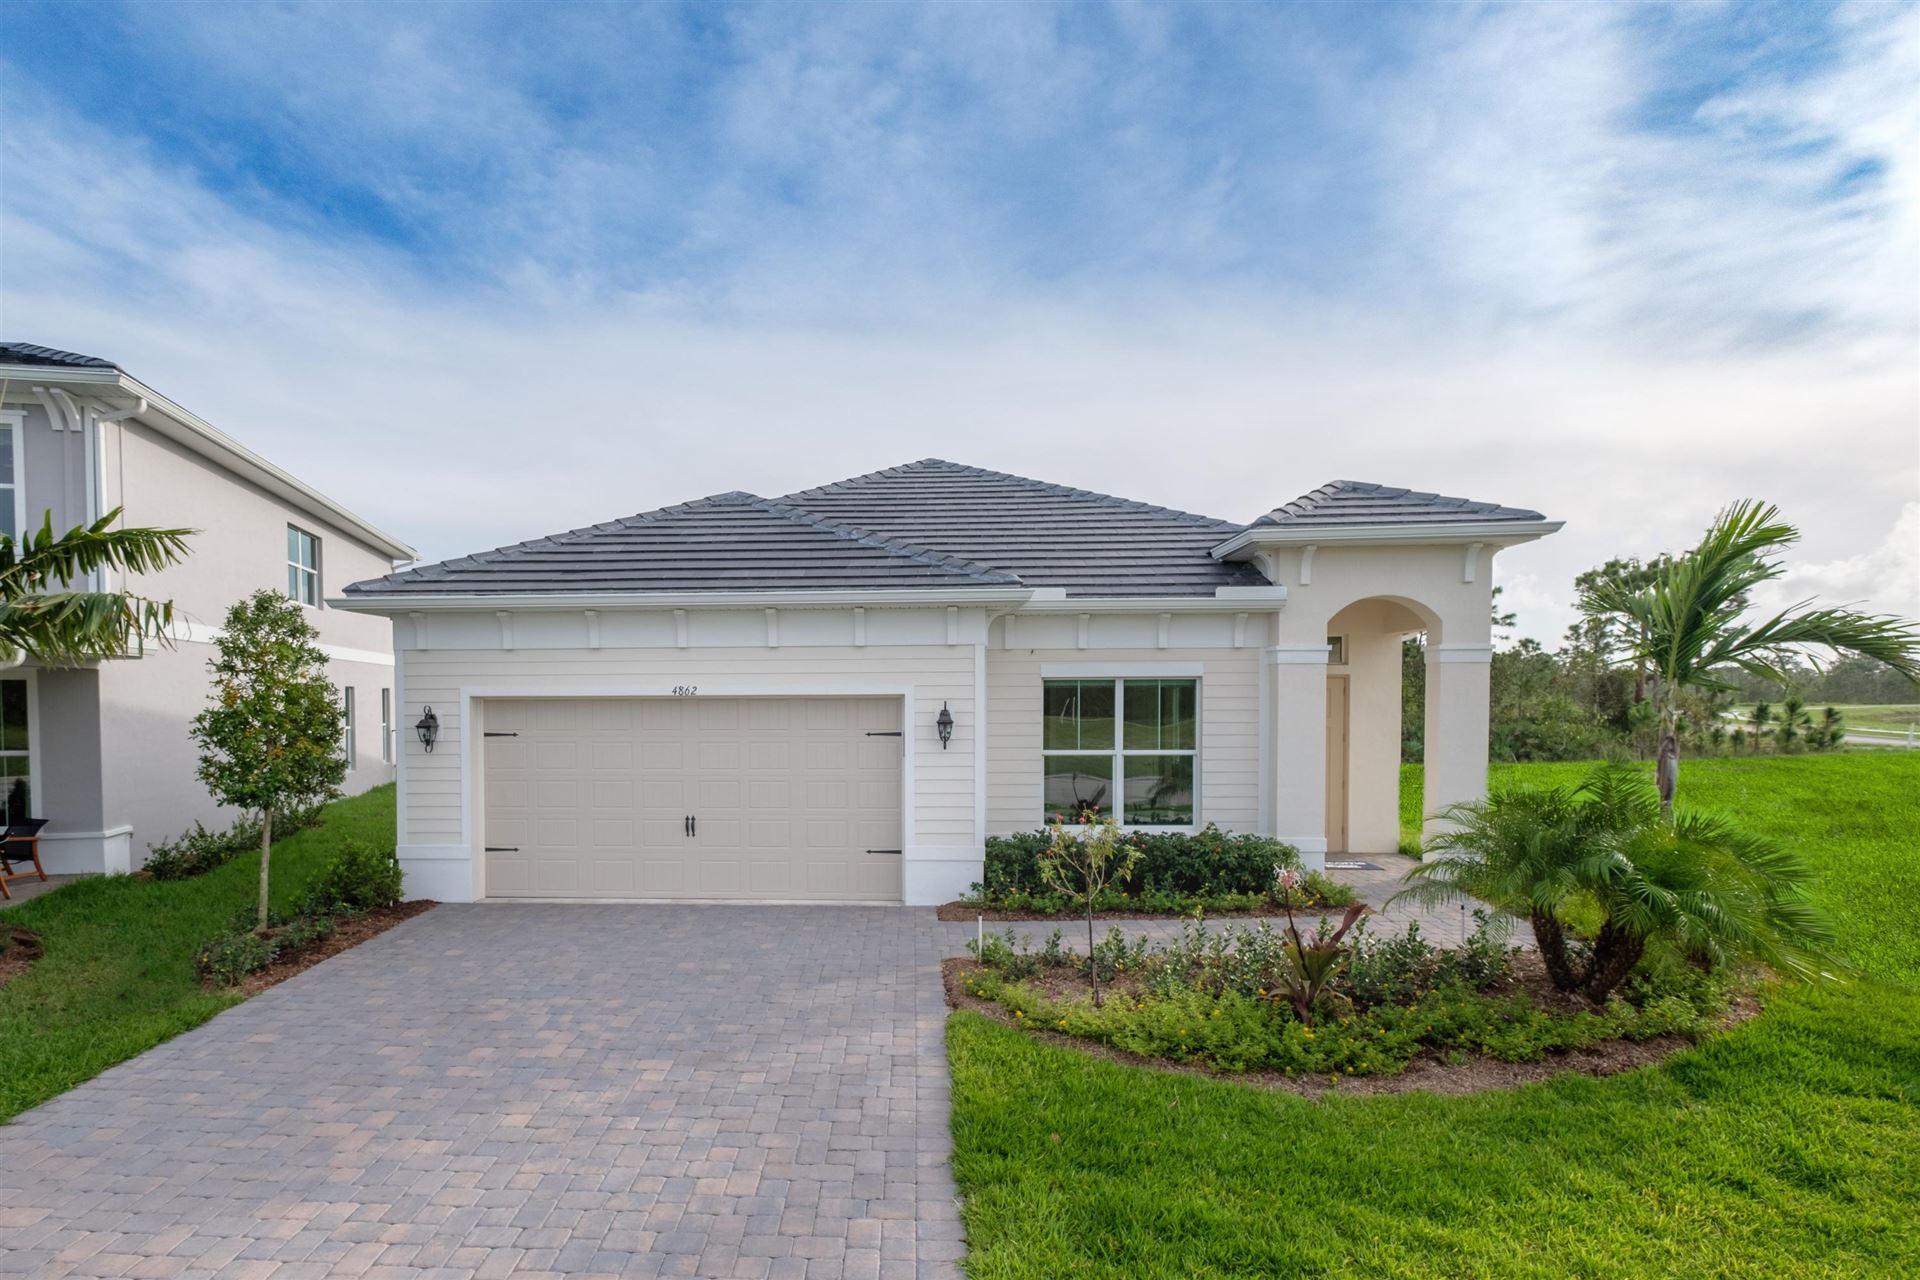 4760 SW Ardsley Drive, Stuart, FL 34997 - #: RX-10627160